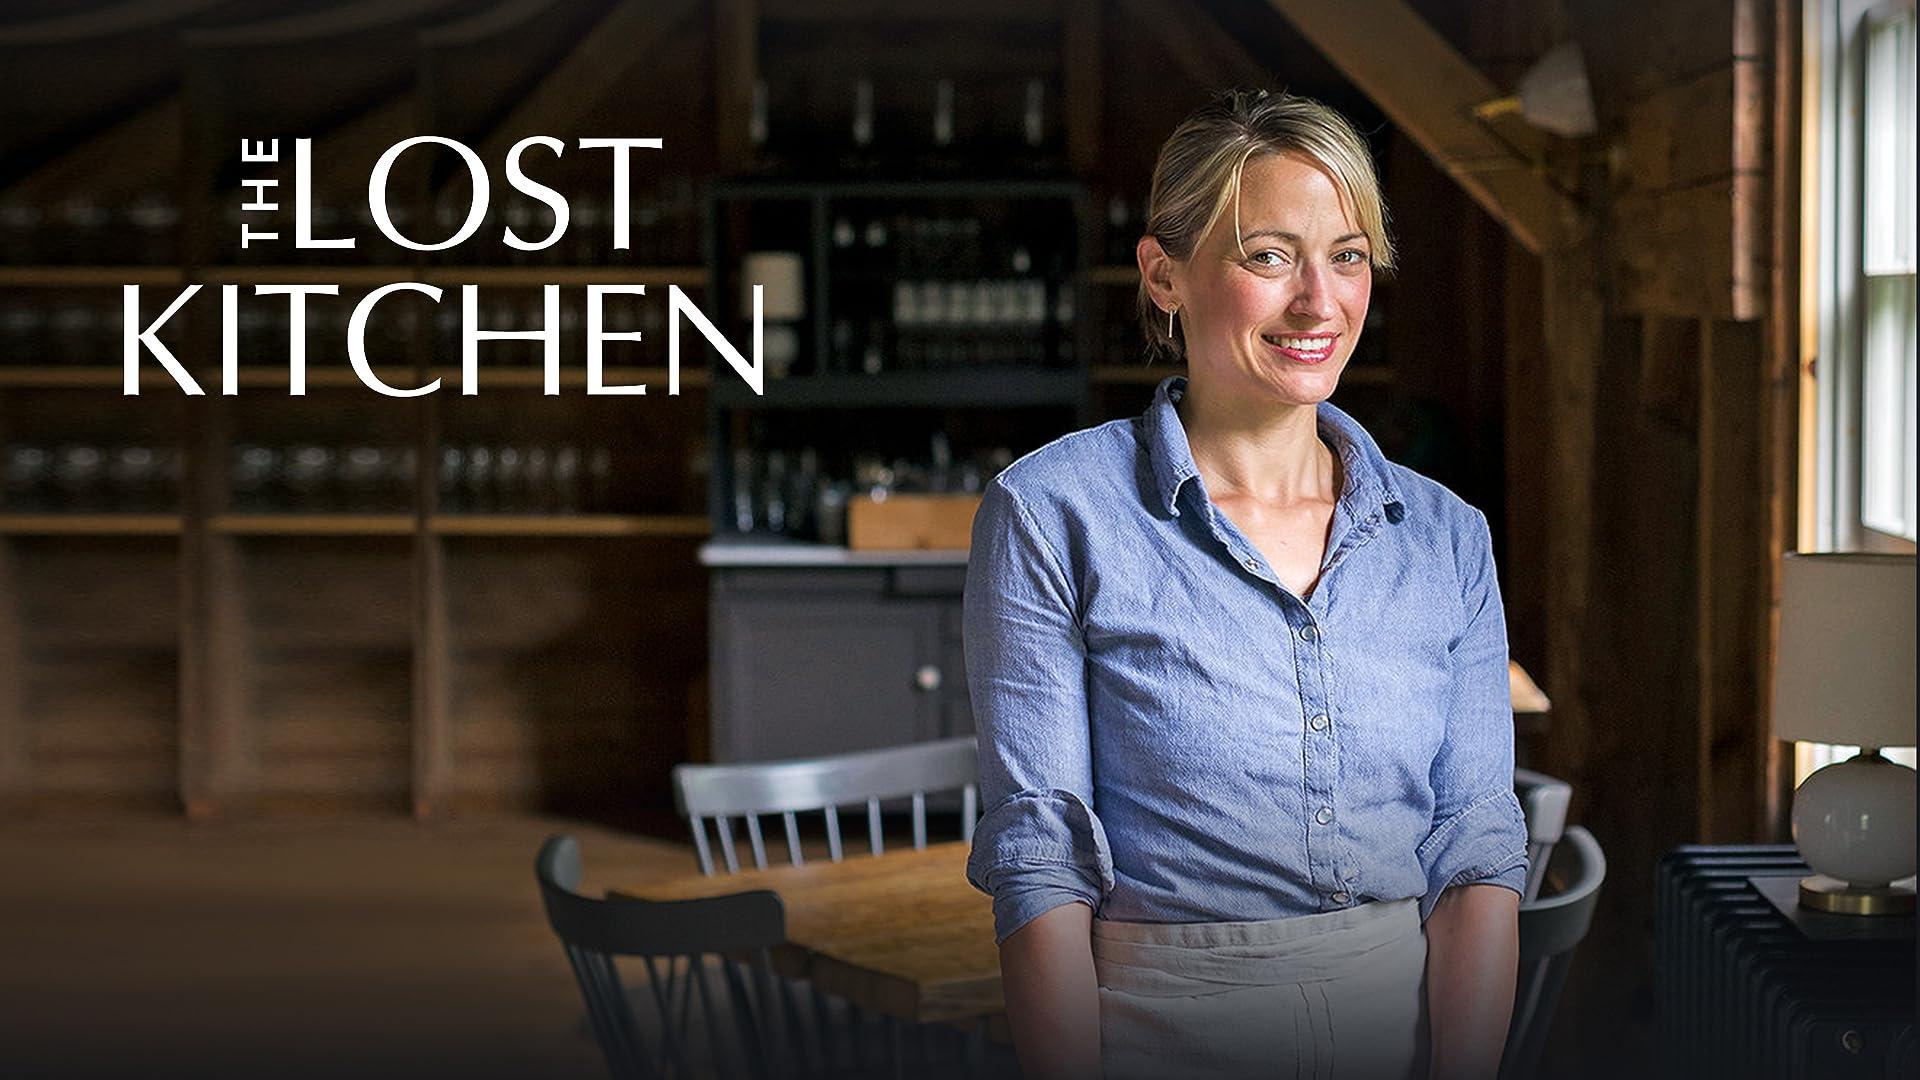 The Lost Kitchen - Season 1